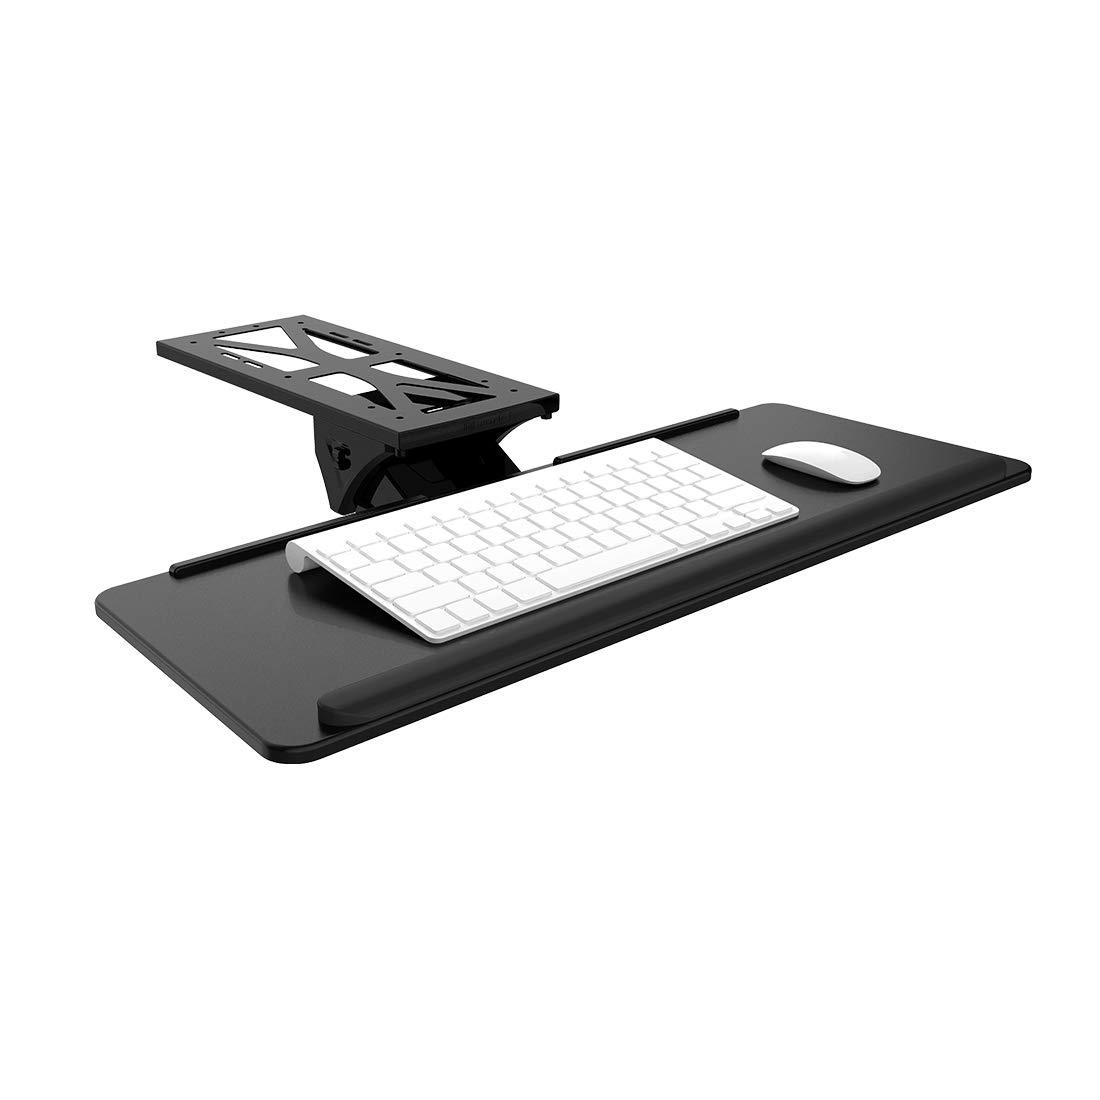 FlexiSpot Adjustable Computer Keyboard & Mouse Platform Tray Ergonnomic Under Table Desk Mount Drawer Shelf